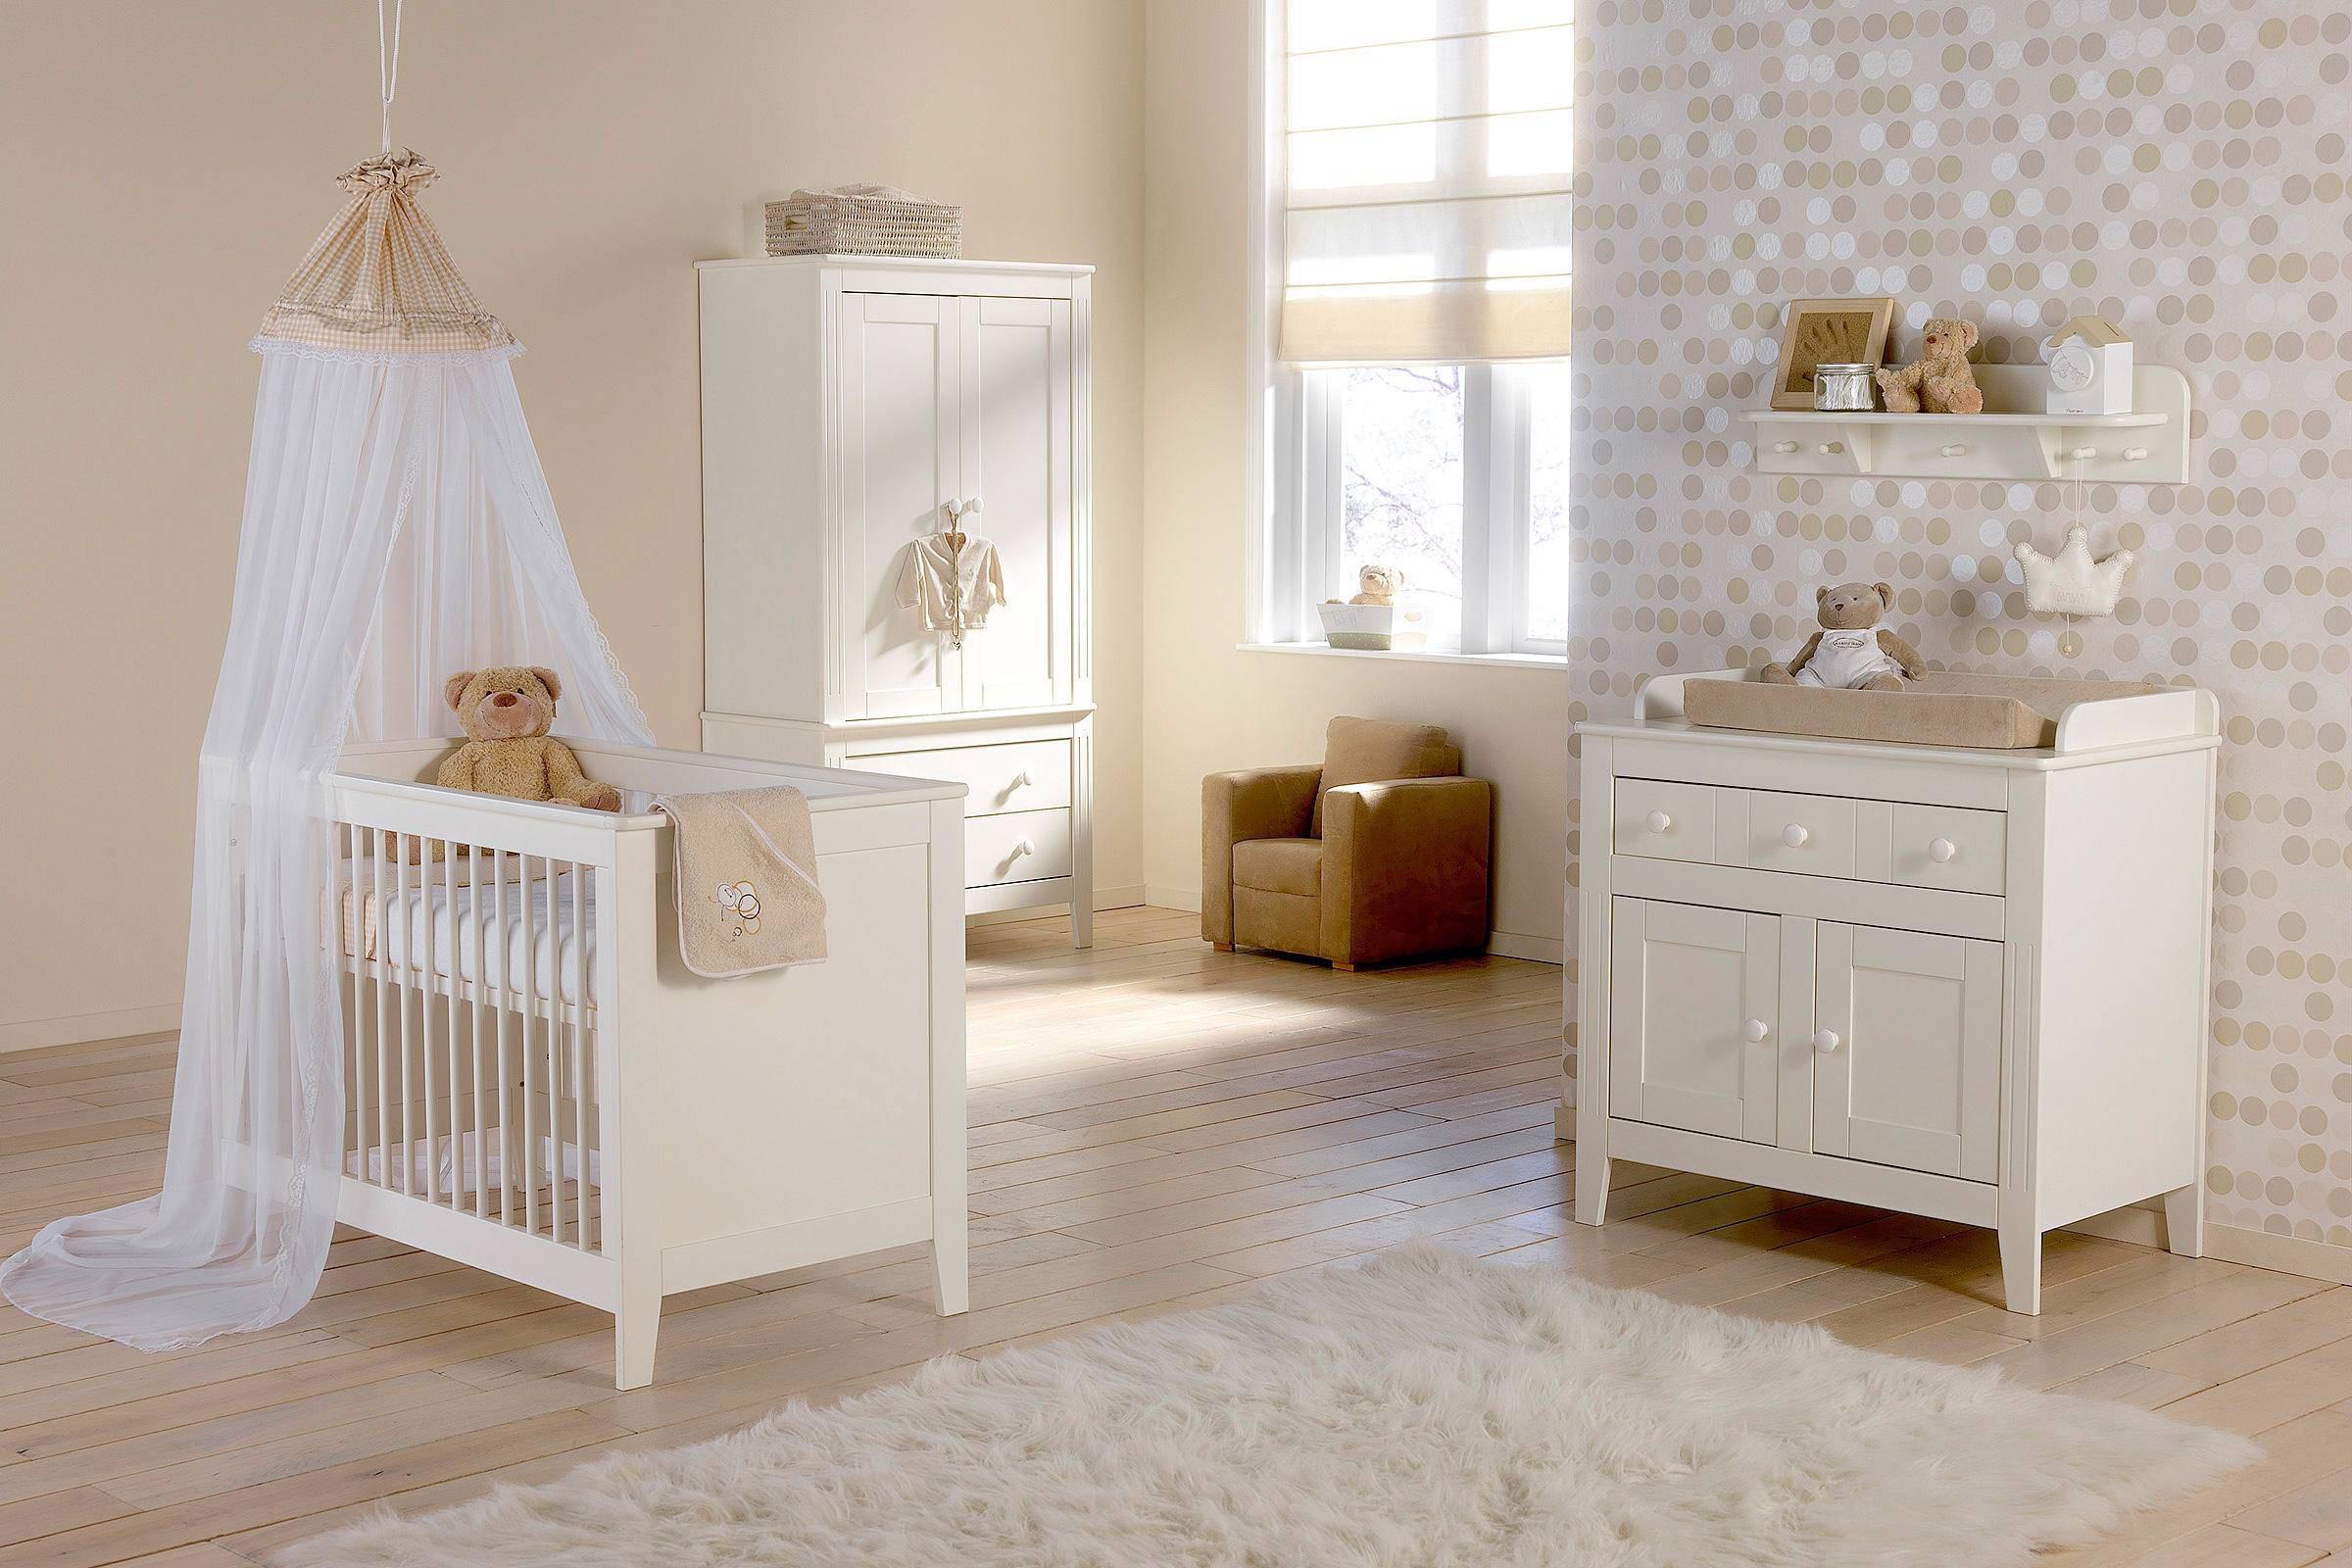 Basicline Montana babykamer (ledikant + commode + linnenkast)